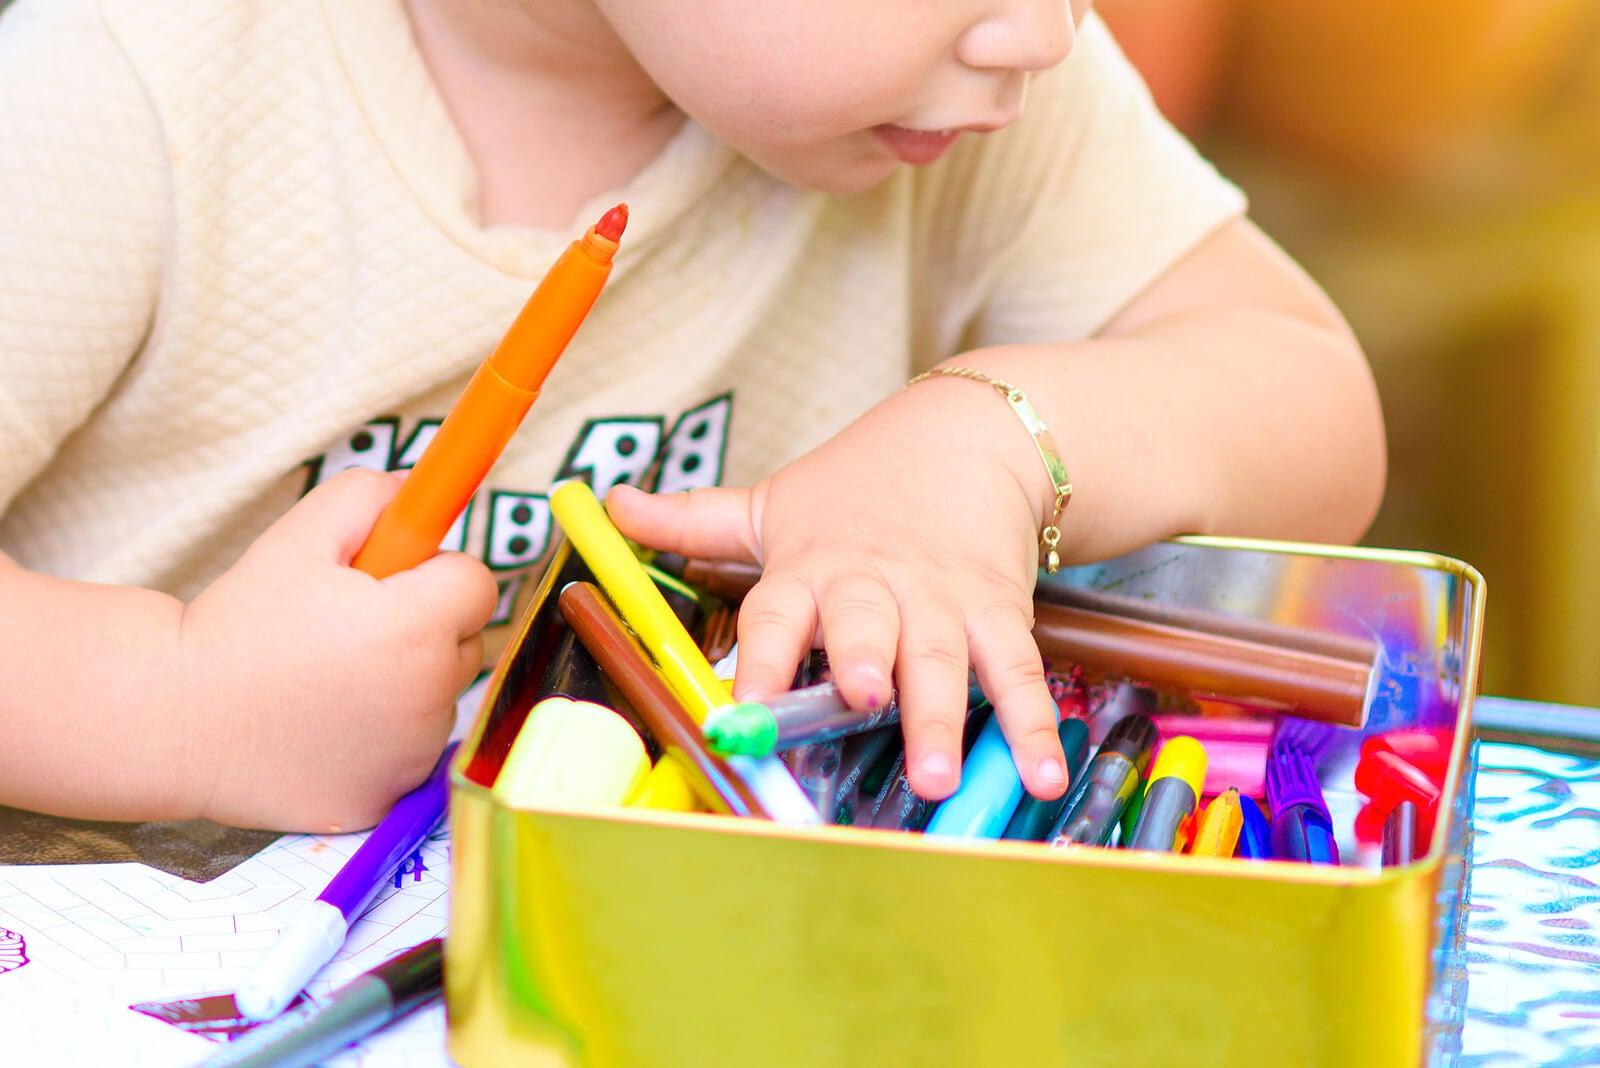 Niño haciendo un dibujo con rotuladores de colores.